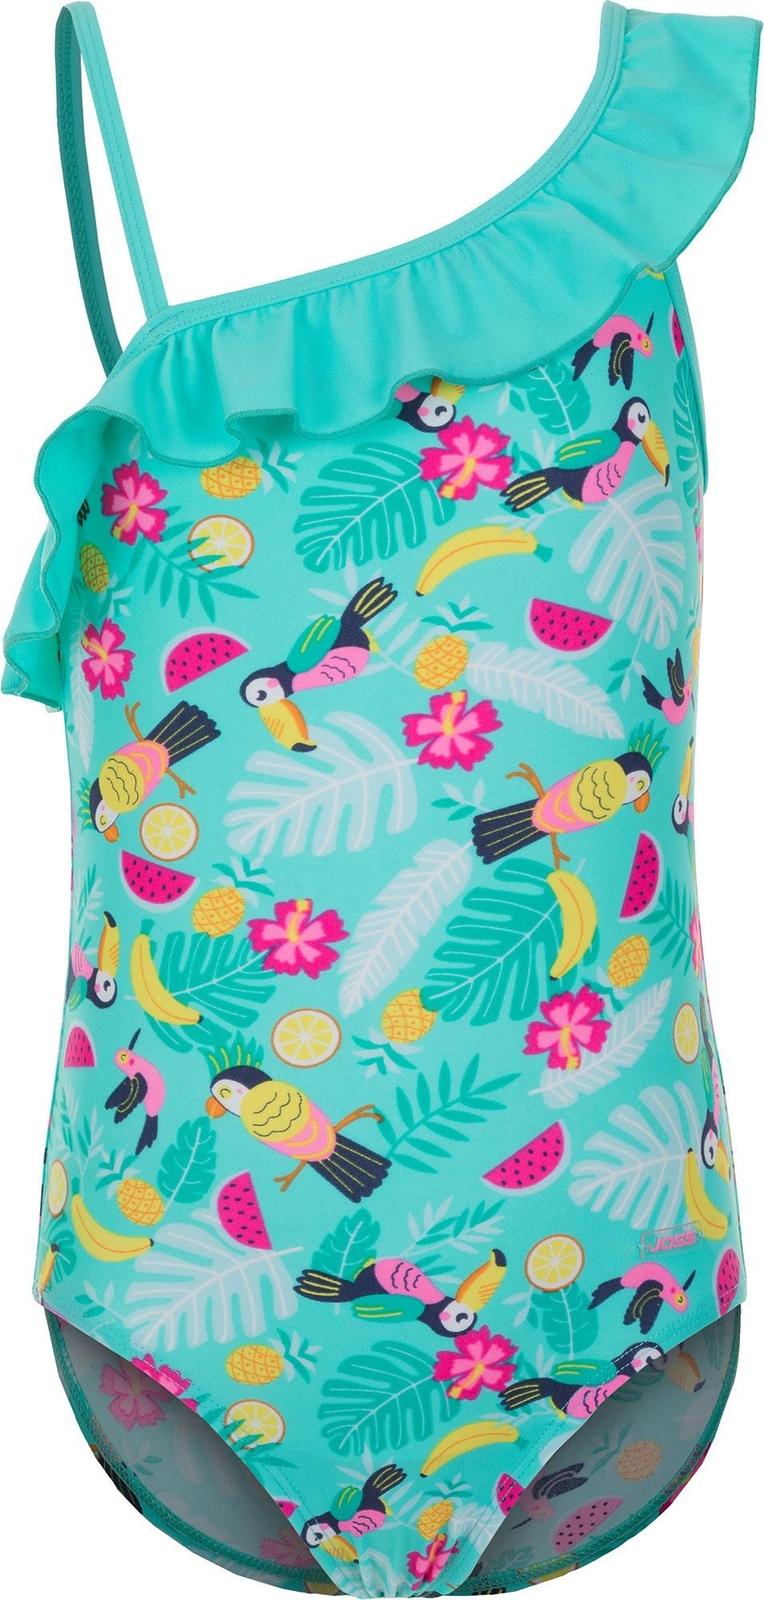 Купальник слитный для девочки Joss Girls Swimsuit, цвет: бирюзовый. S17AJSWSG03-N1. Размер 116S17AJSWSG03-N1Удобный купальник предназначен для тренировок в бассейне. Продуманный крой не стесняет движений.